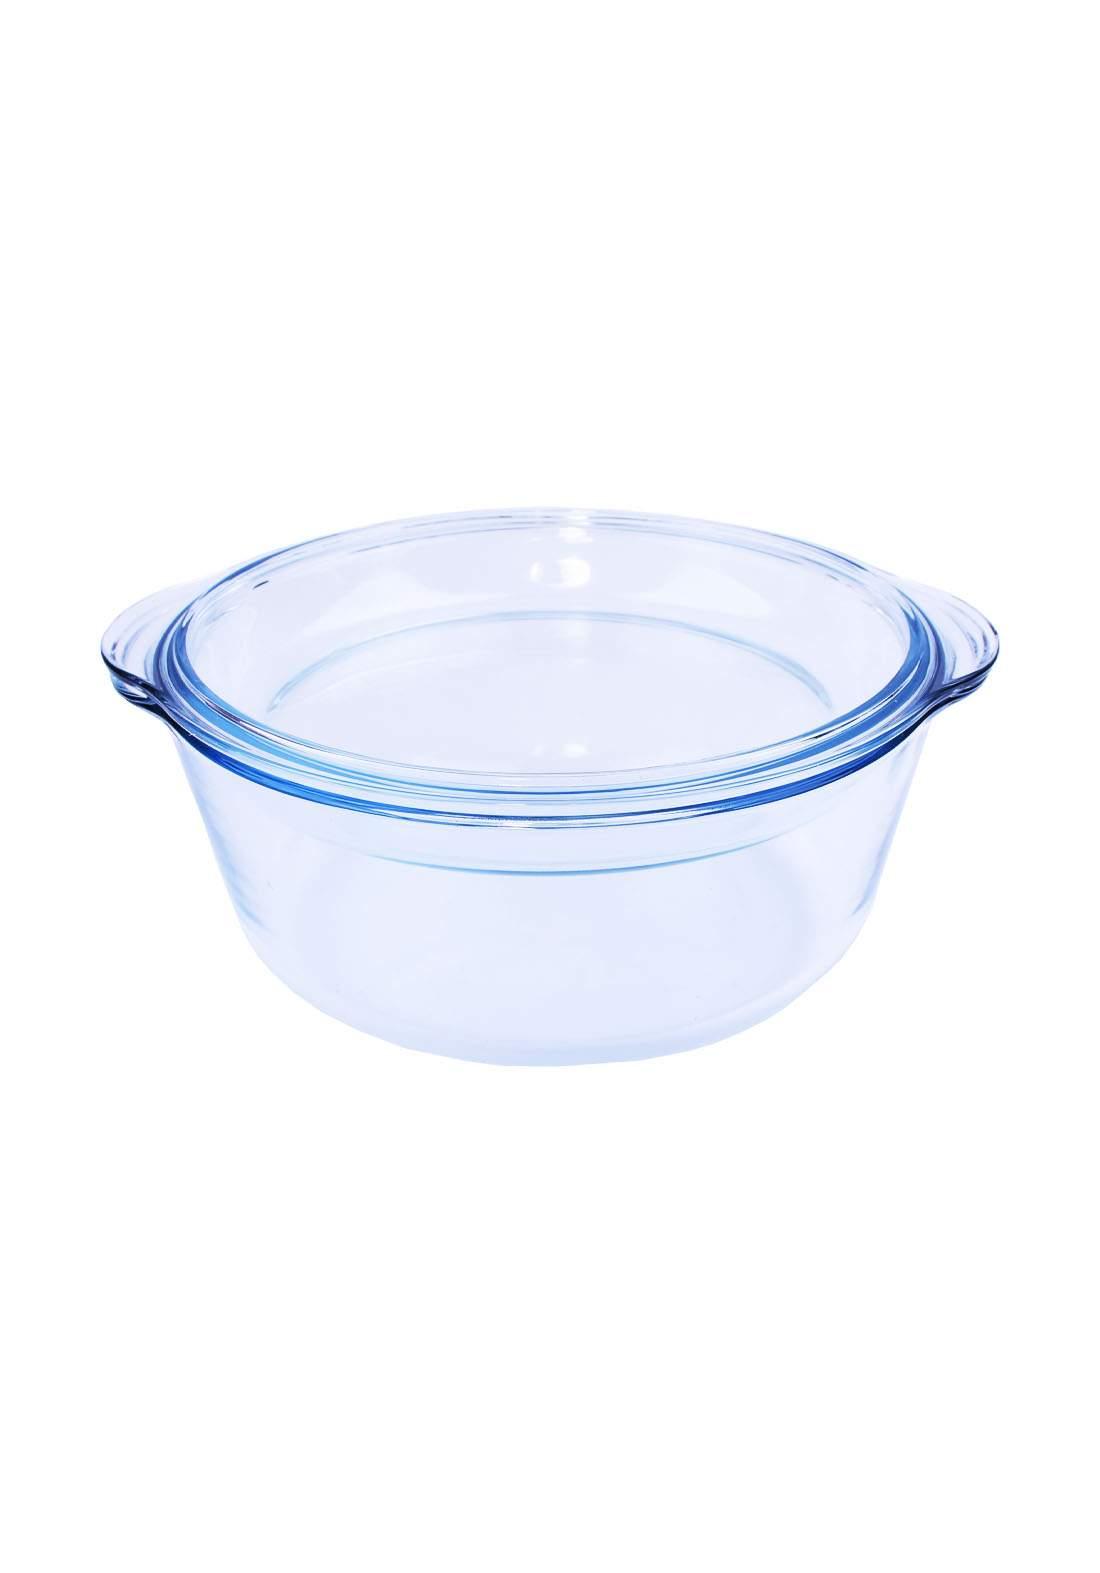 وعاء بايركس دائري شفاف مقاوم للحرارة